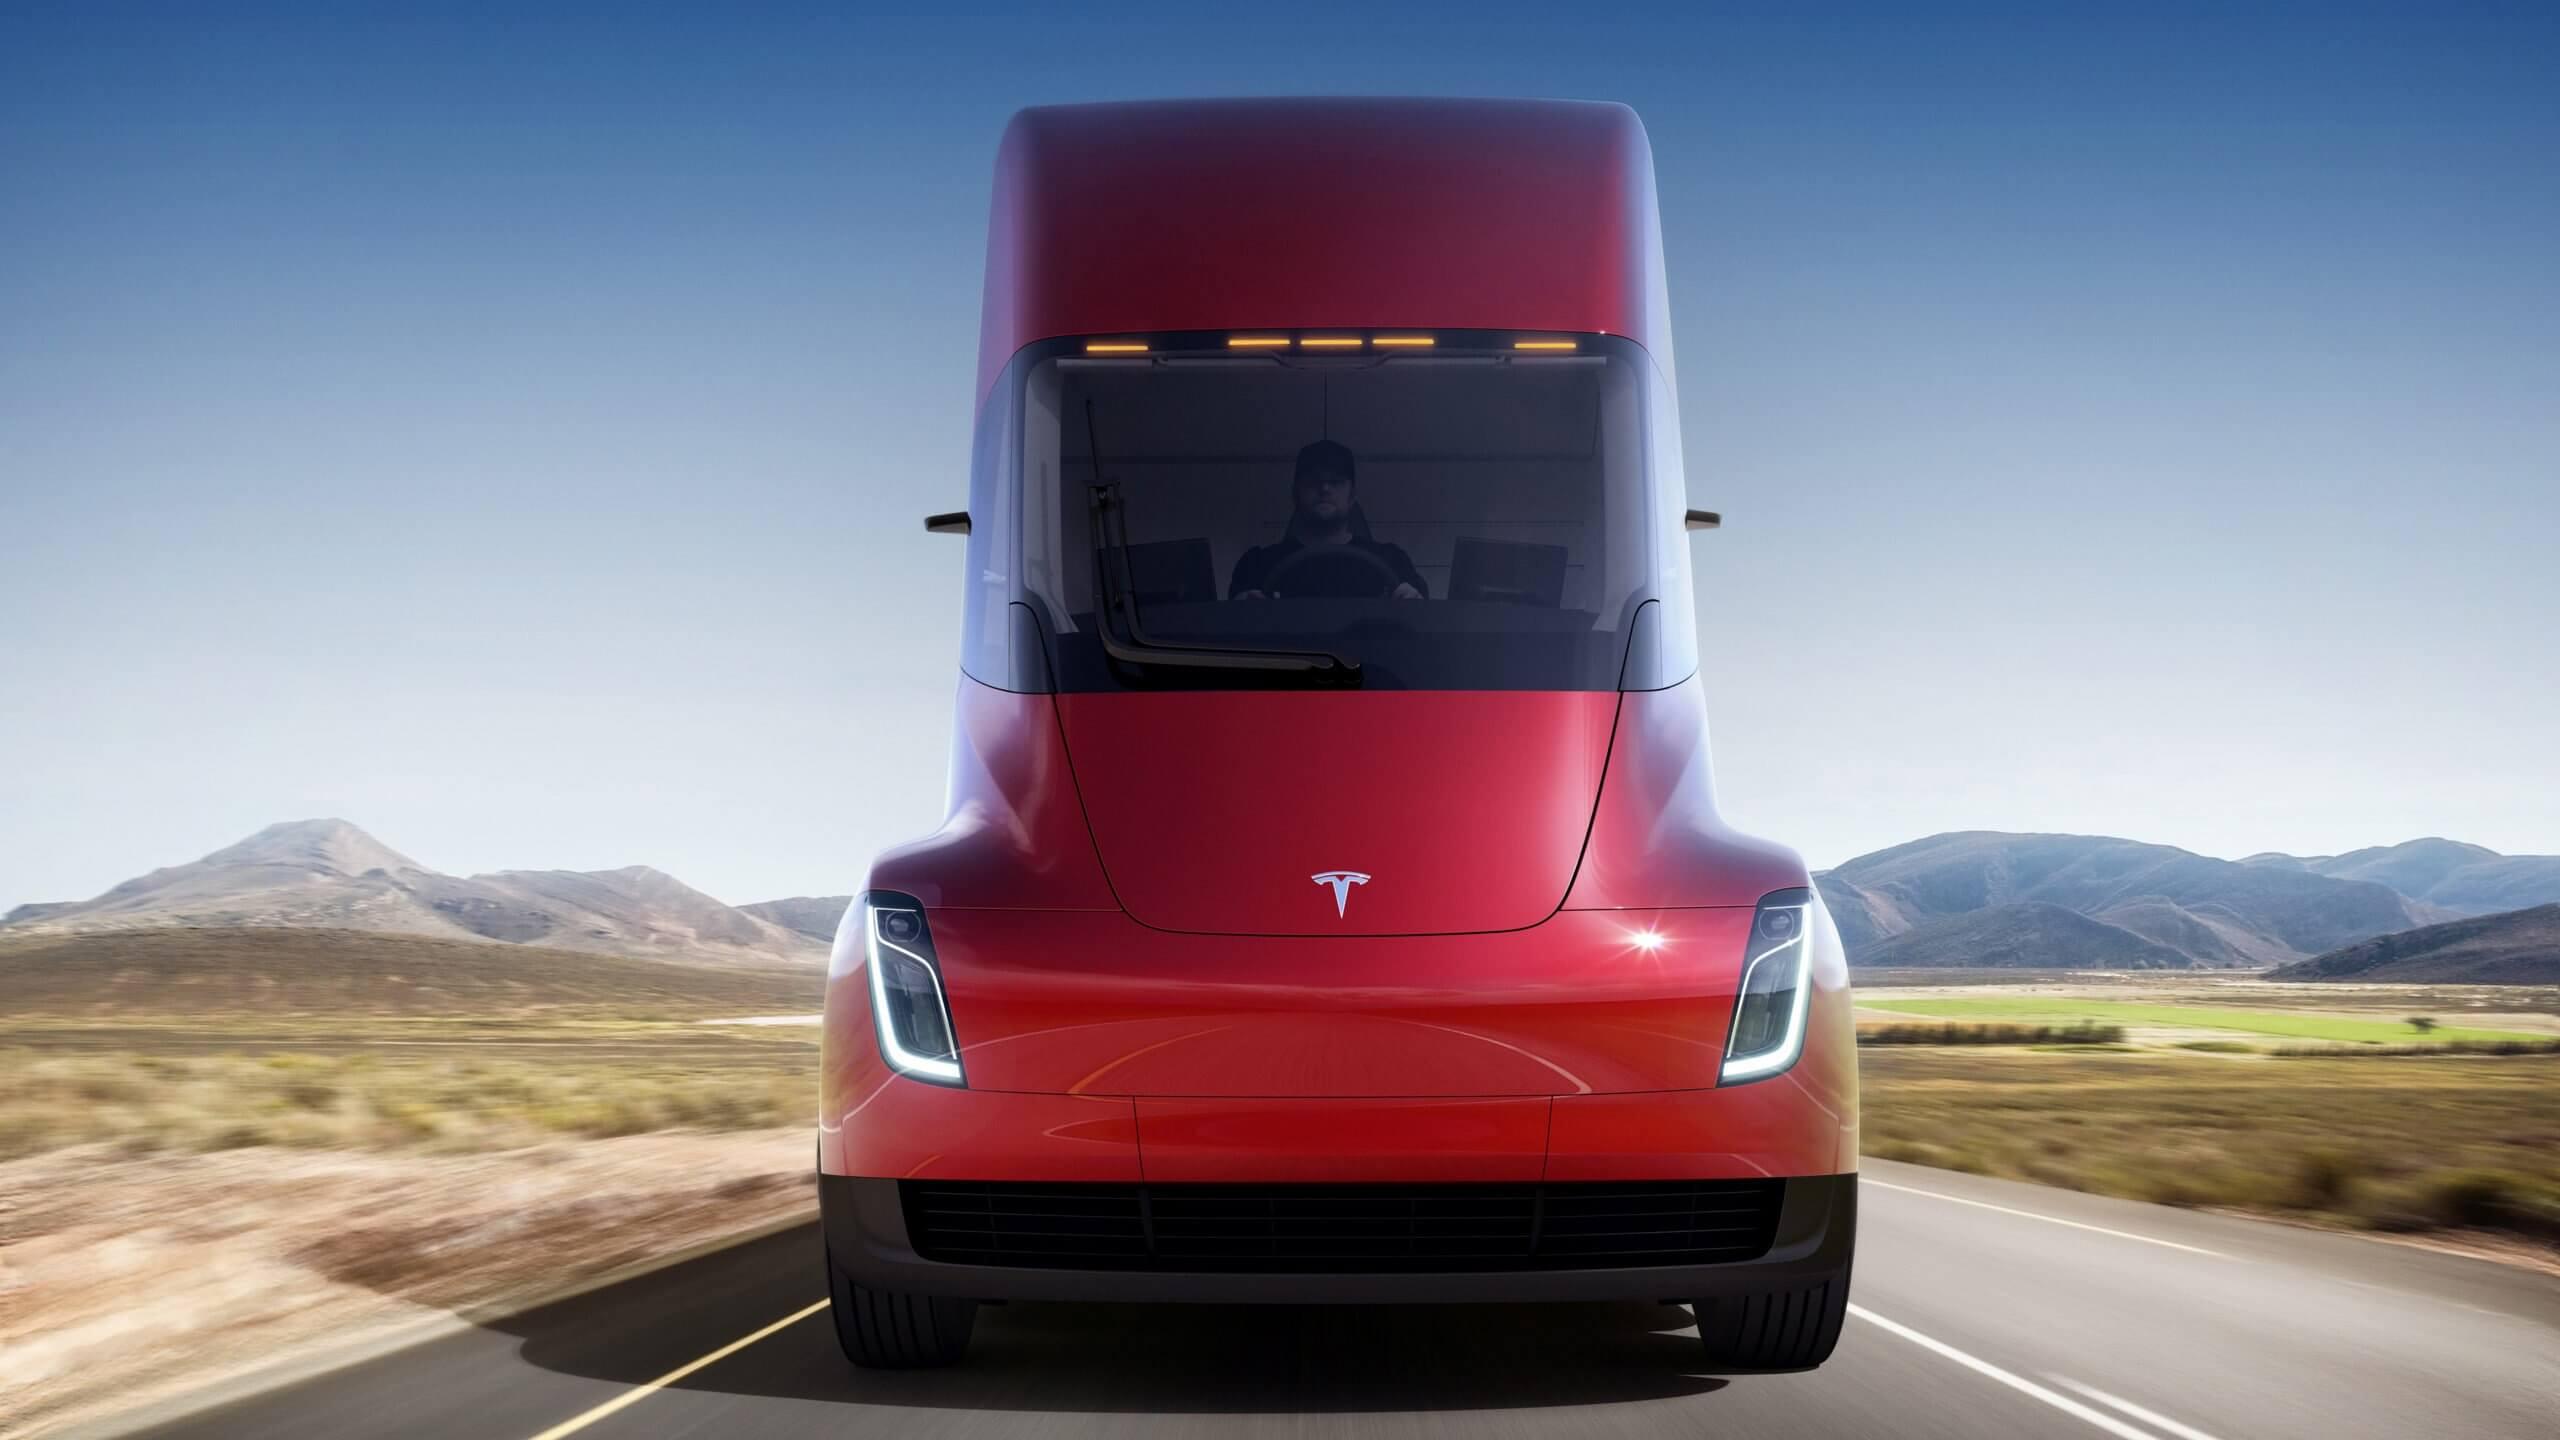 Нехватка аккумуляторных элементов замедляет полупроизводство Tesla - Tesla Motors Club